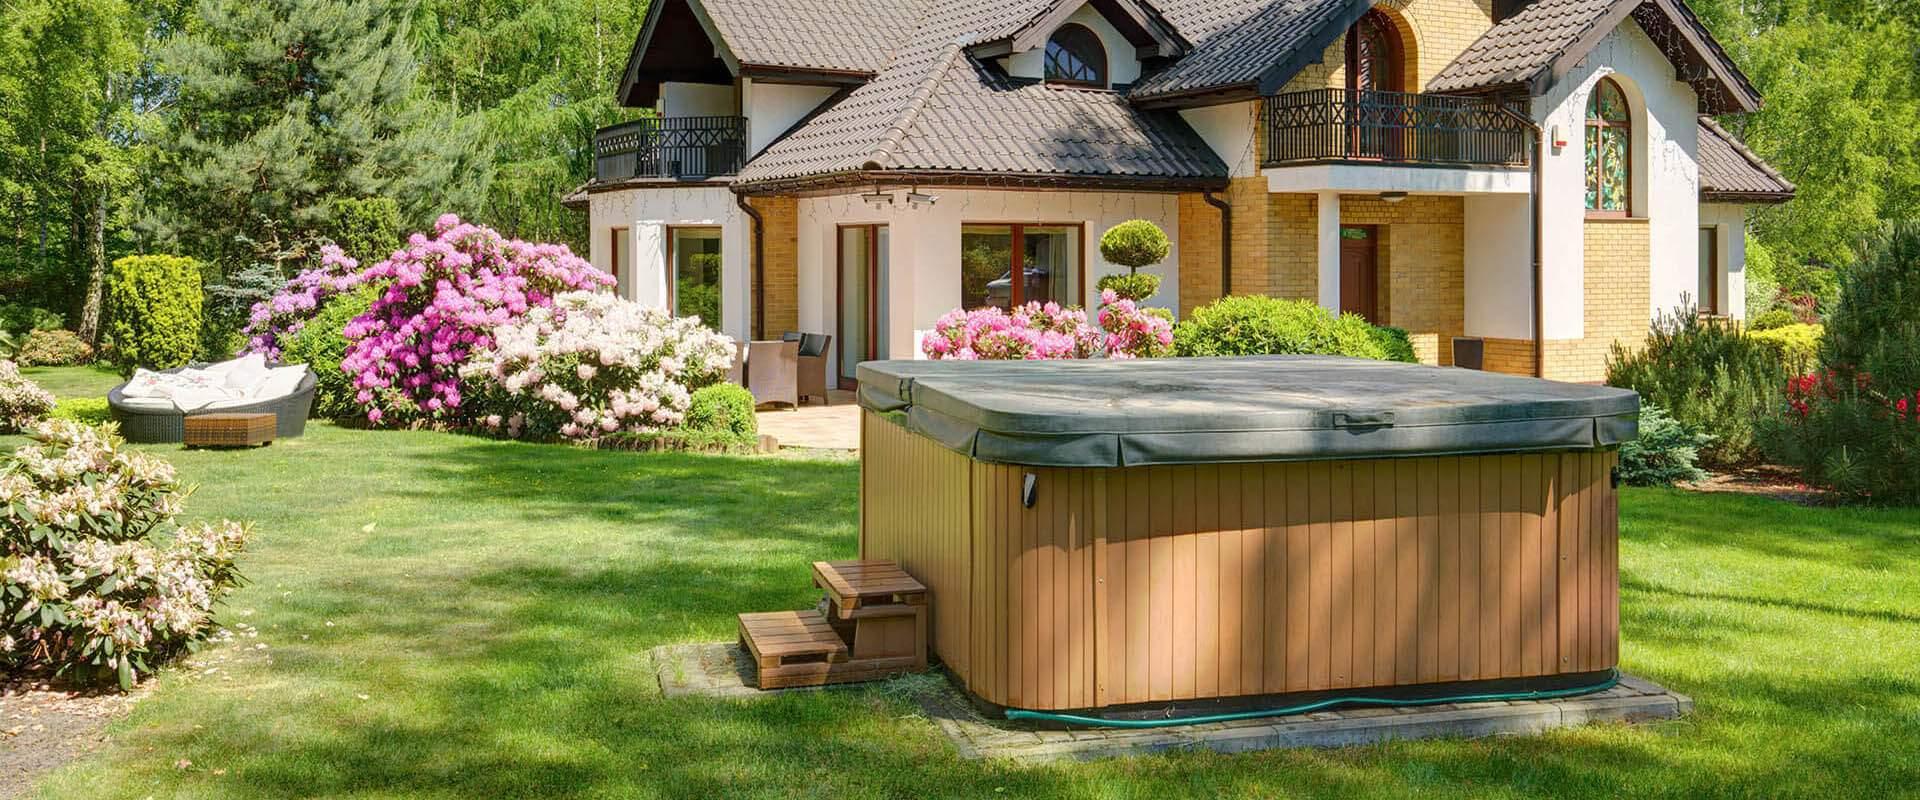 Außenwhirlpool im Garten